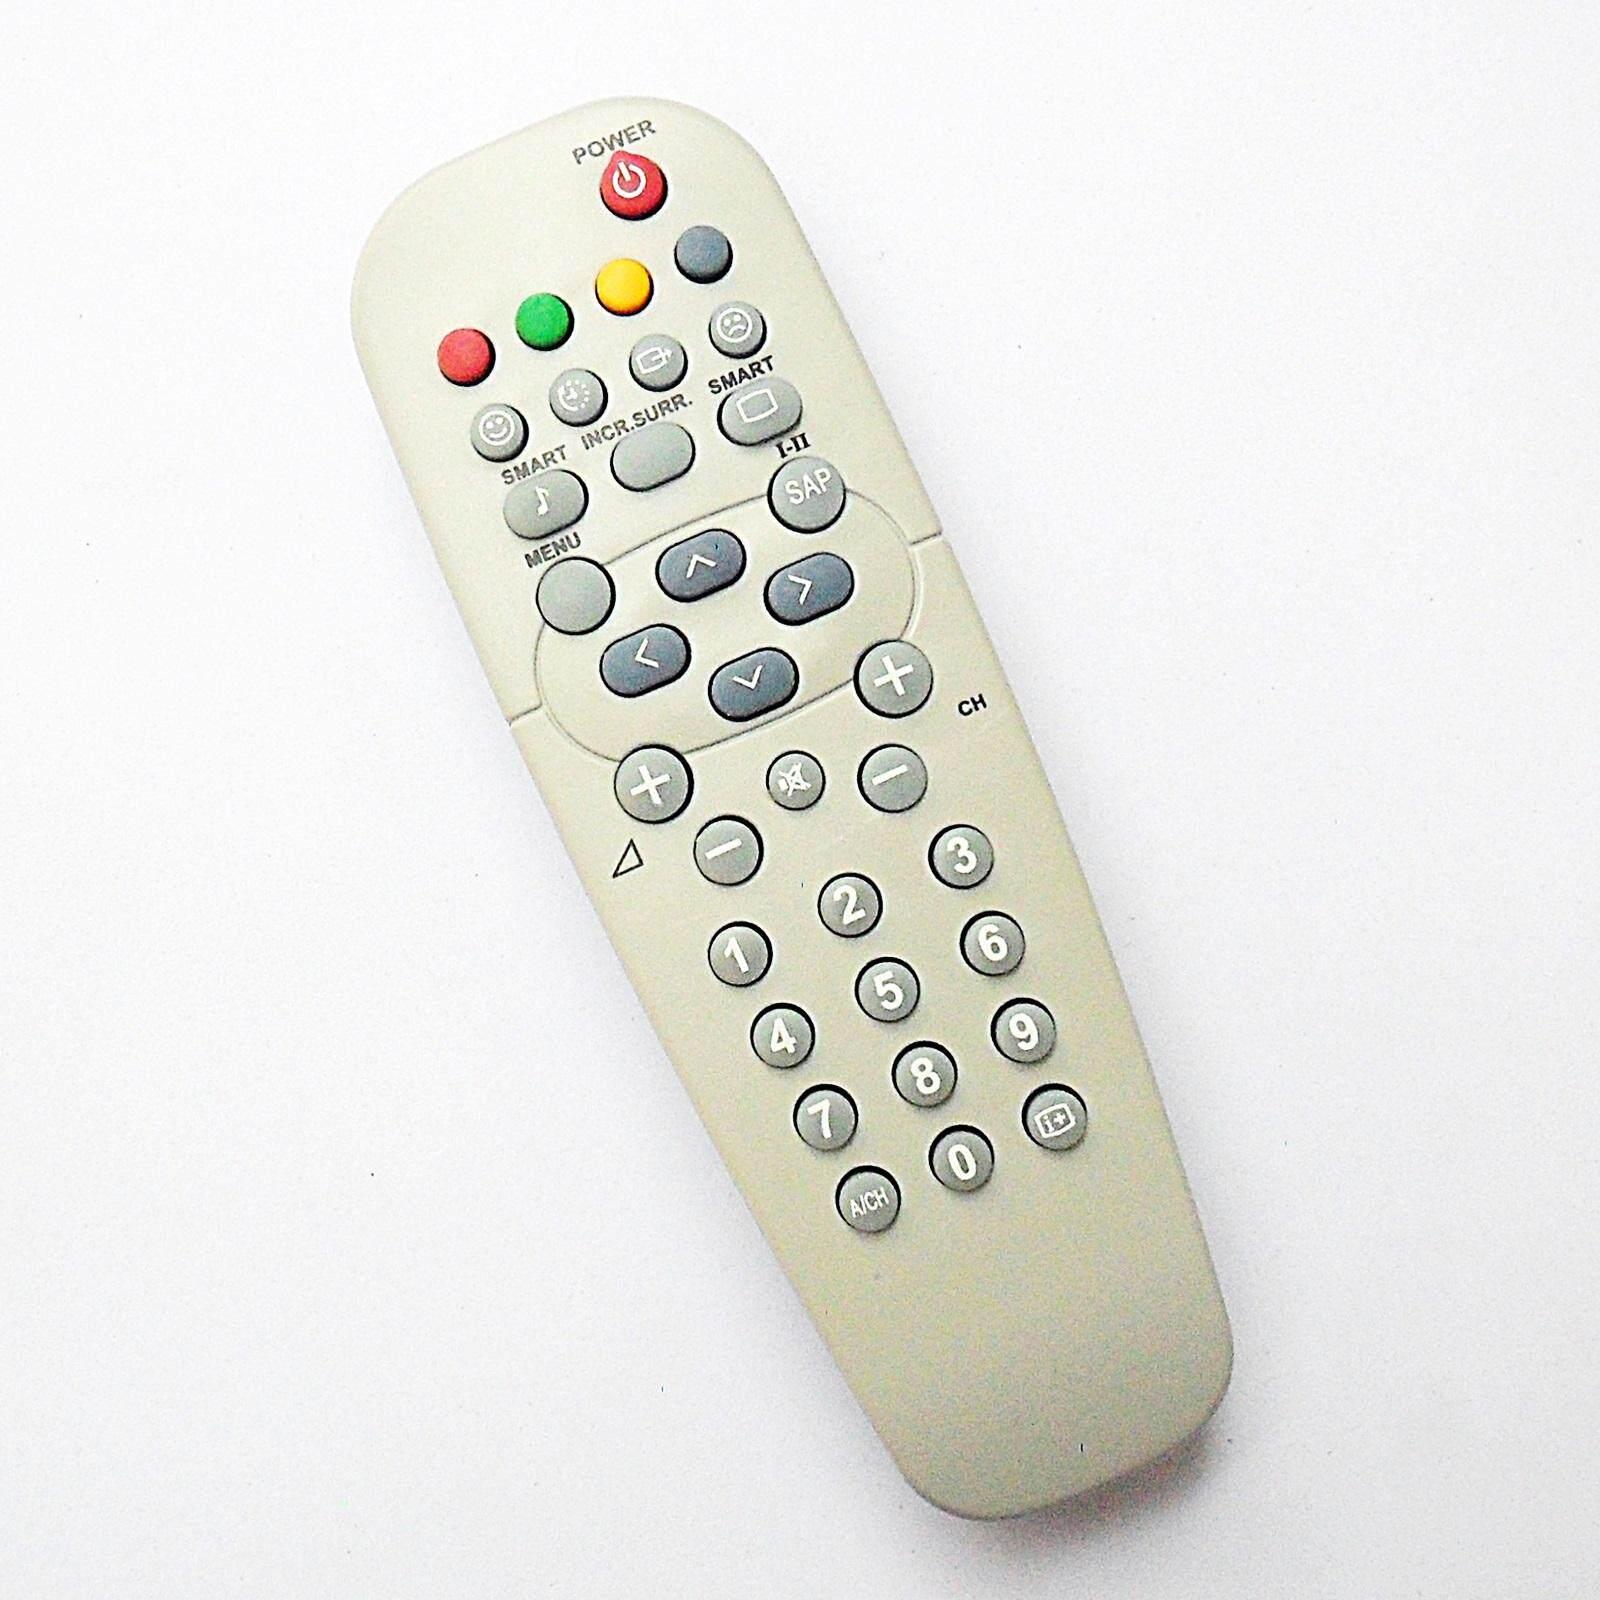 รีโมทใช้กับทีวีฟิลิปส์ จอโค้งและจอแก้วแบน (รีโมททรงมน ตัวสั้น) , Remote For Philips Tv (สีเทา).